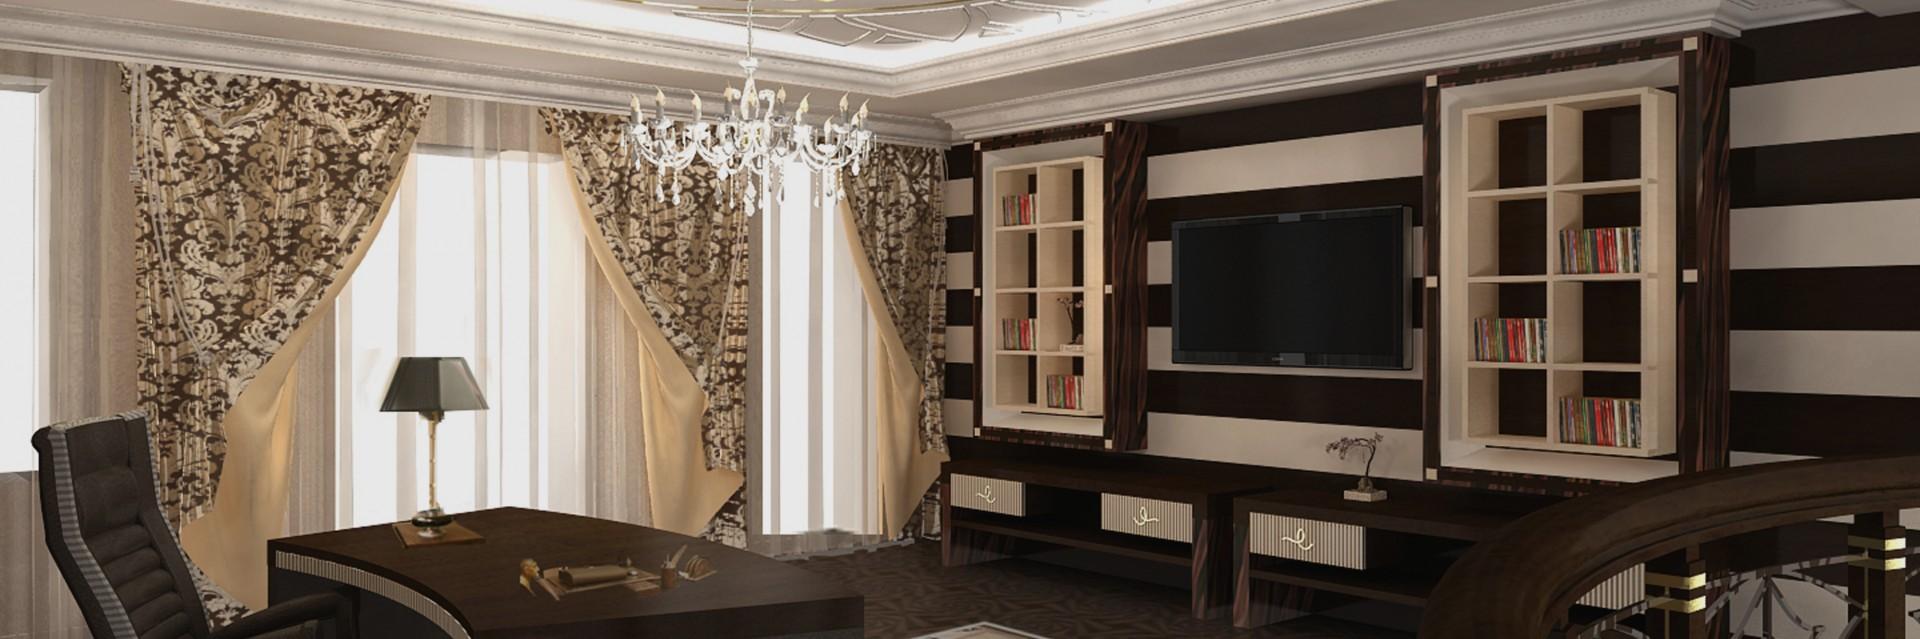 Дизайн интерьеров квартир, загородных домов и коттеджей